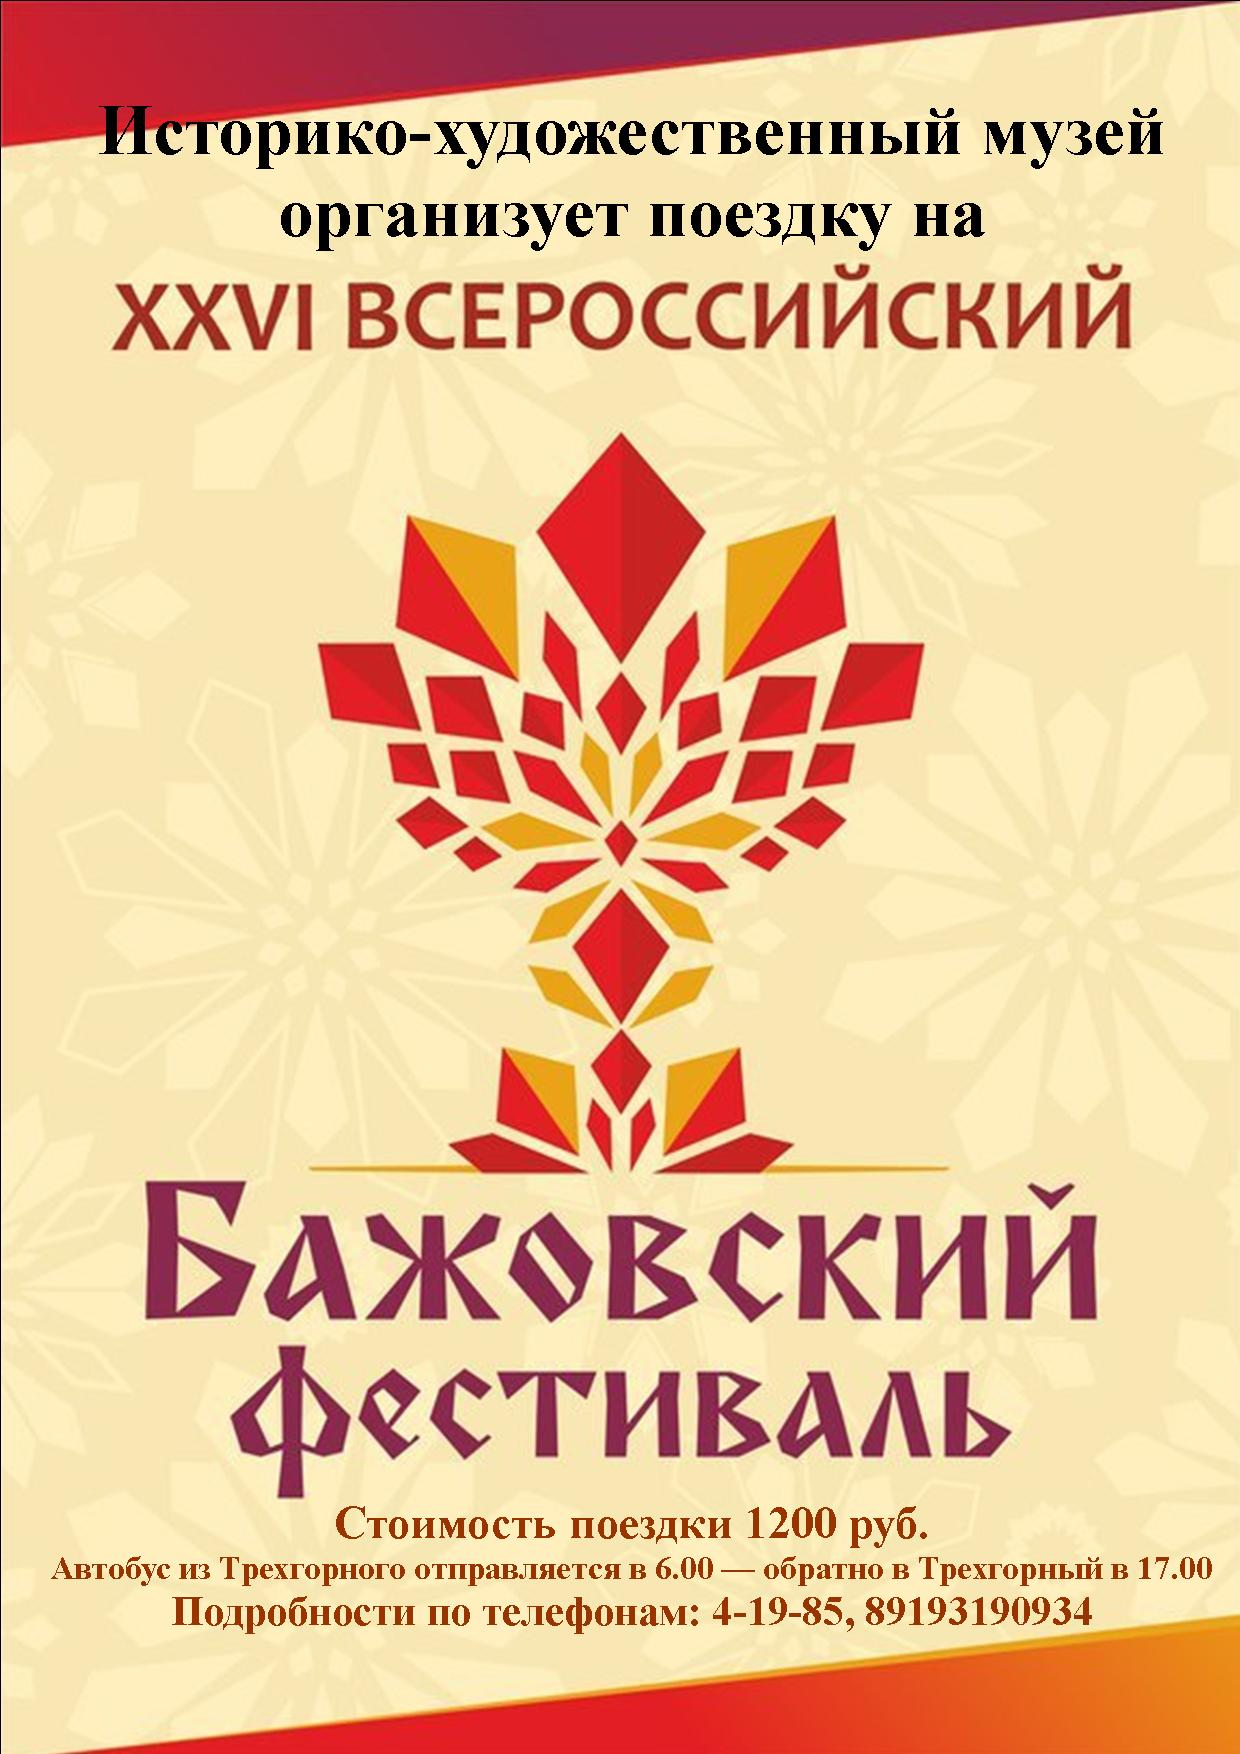 bazhovka-2